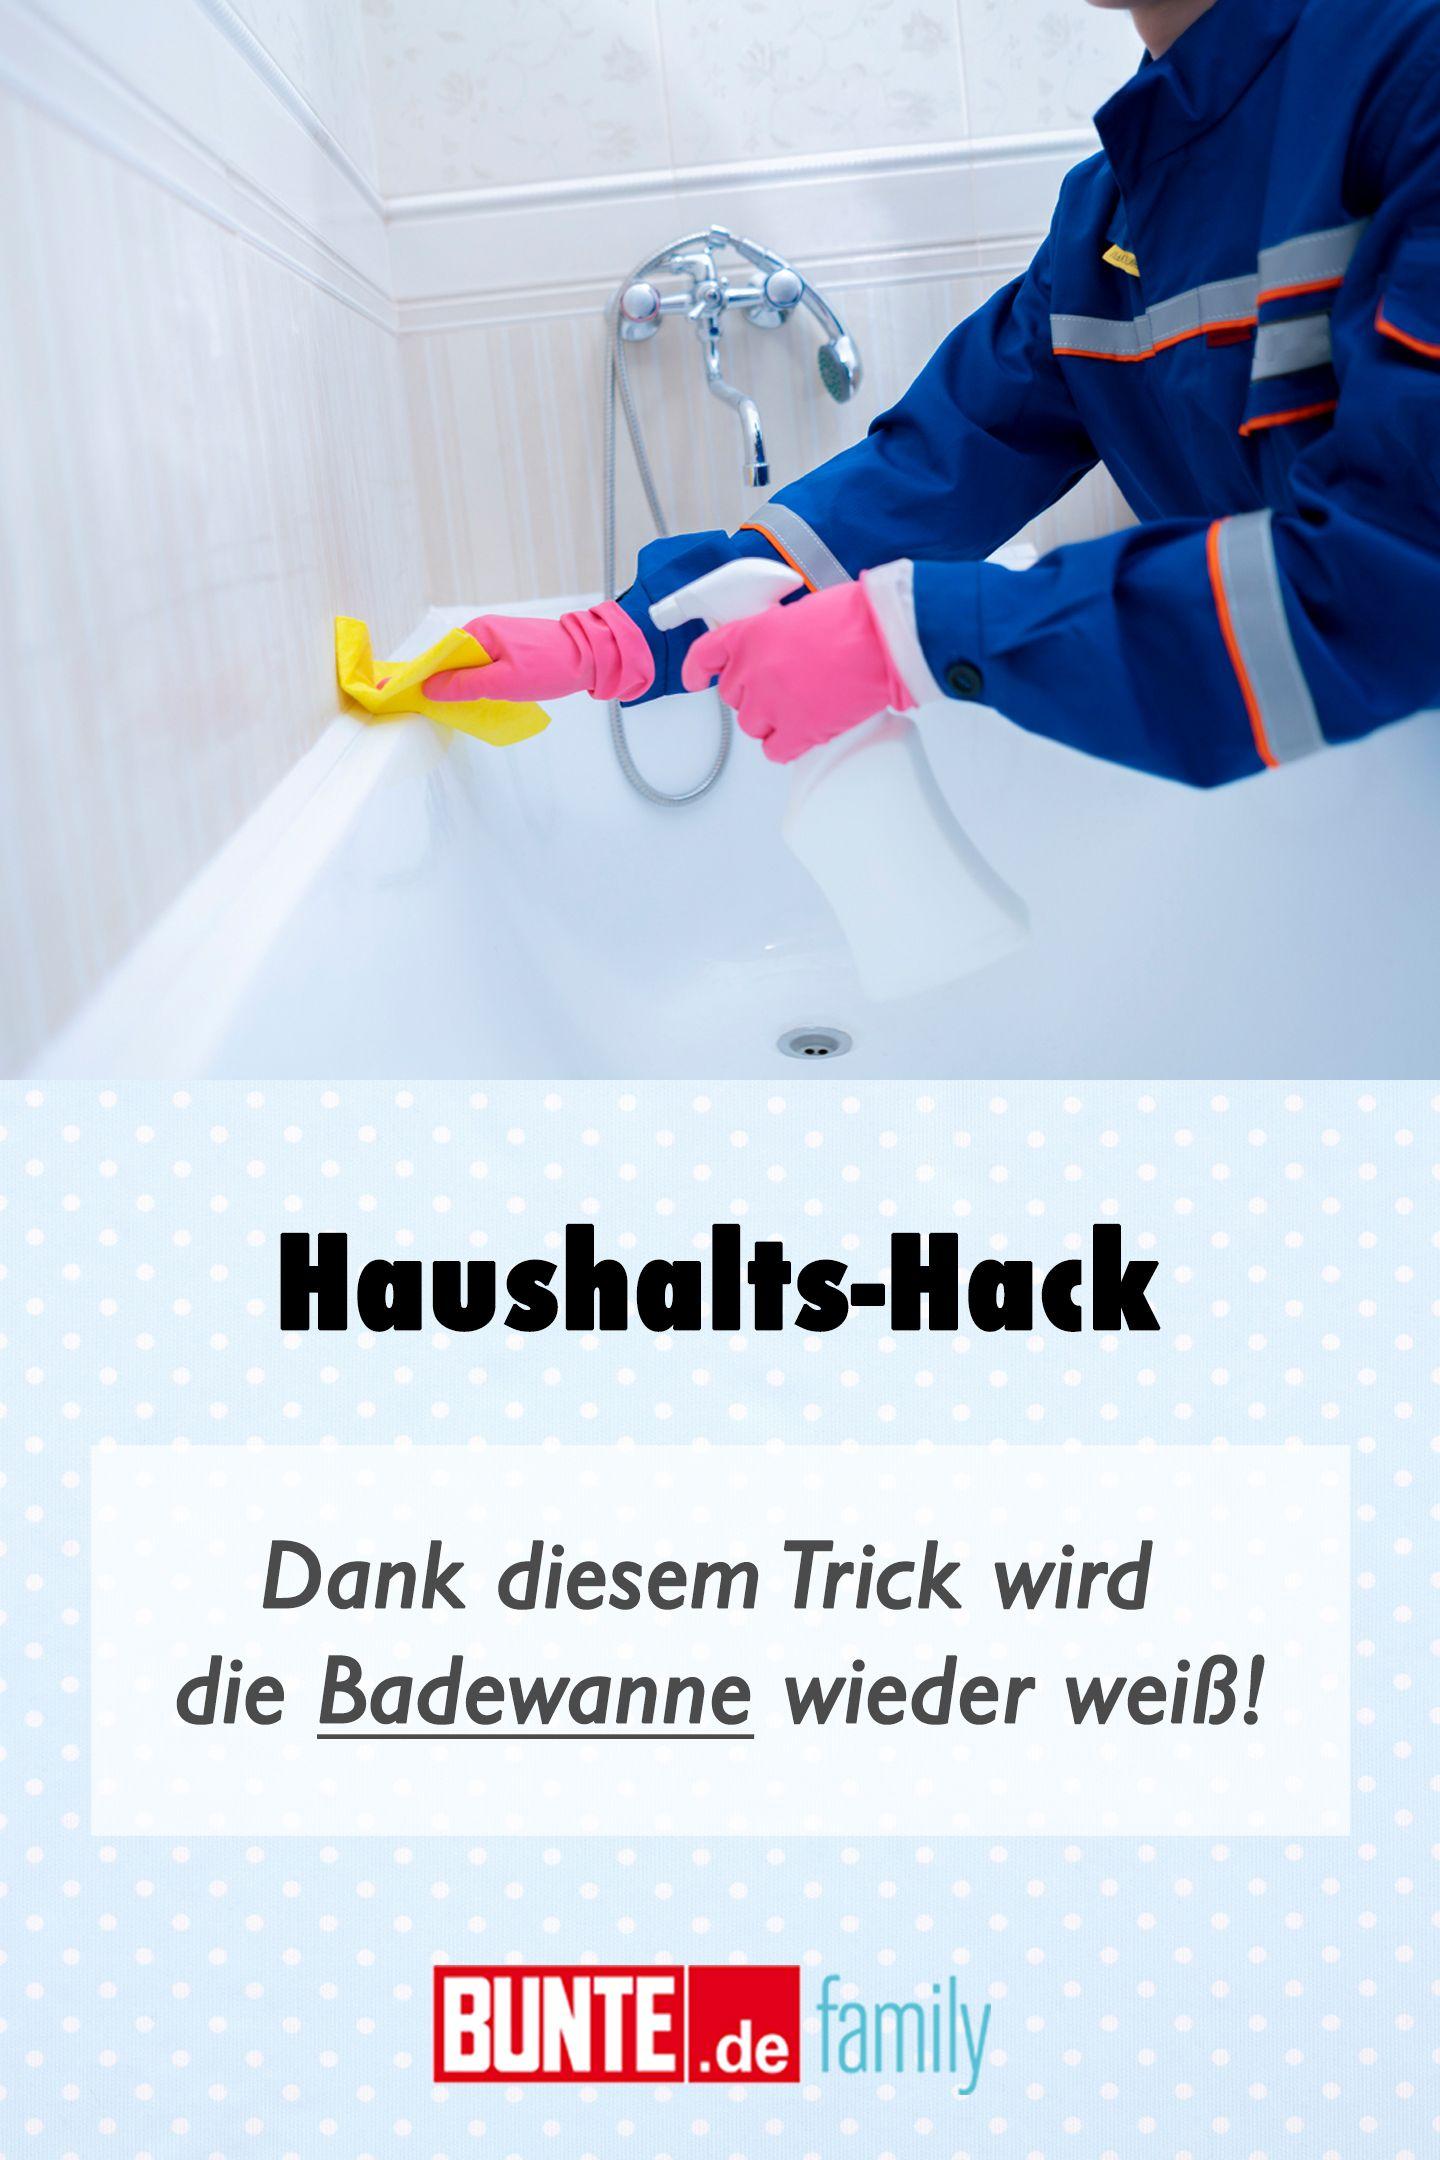 Haushalt Hack Dank Diesem Trick Wird Die Badewanne Wieder Weiss In 2020 Mit Bildern Badewanne Haushalt Tricks